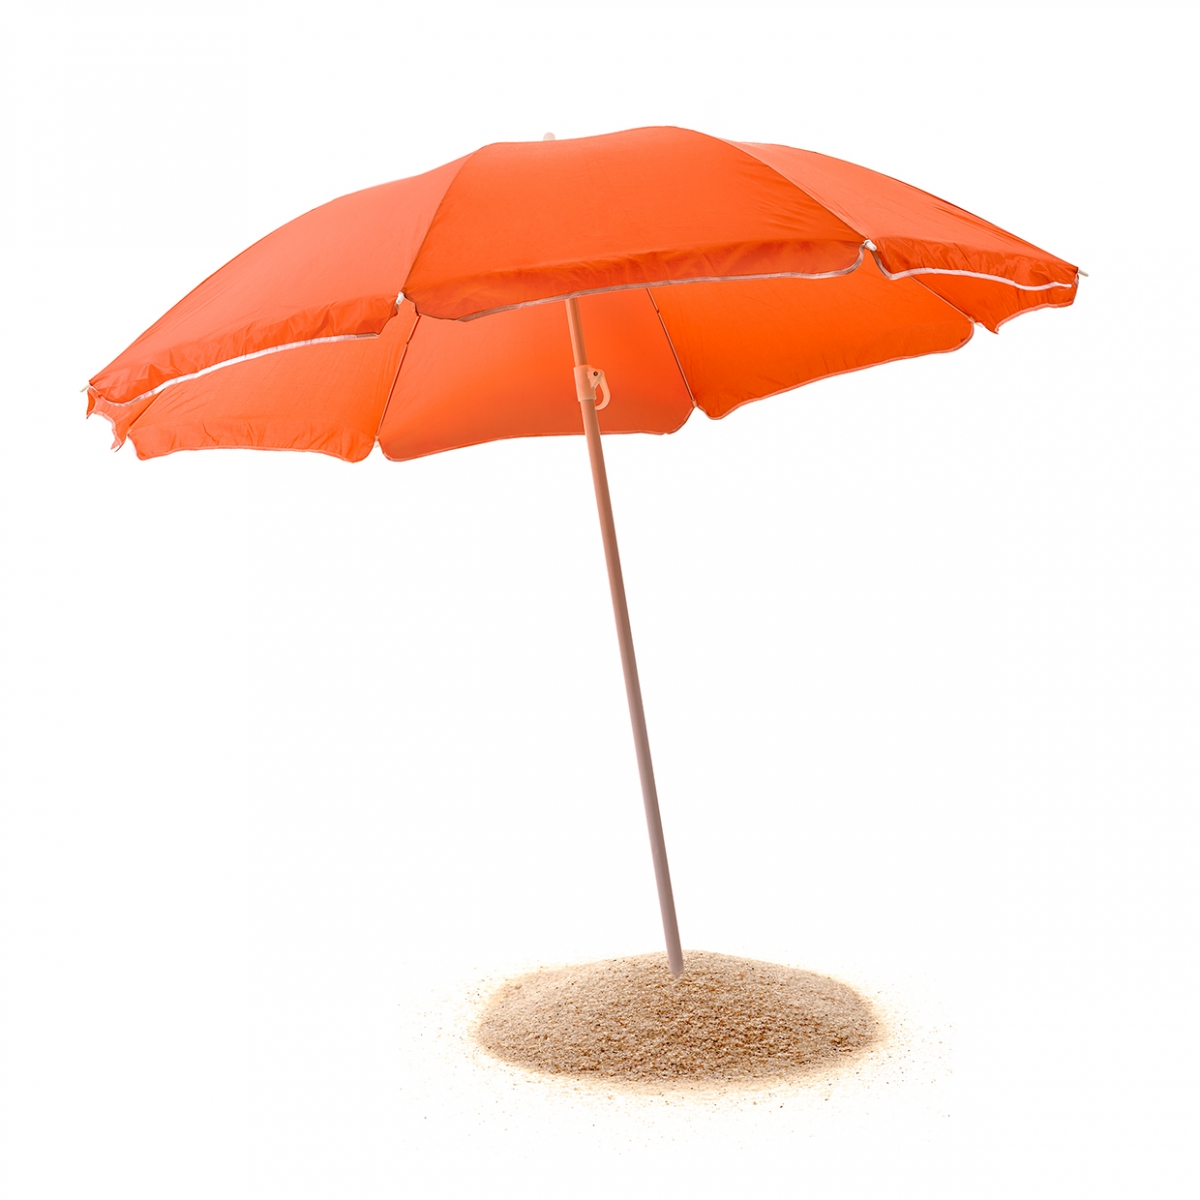 Imagen en la que se ve una sombrilla de playa